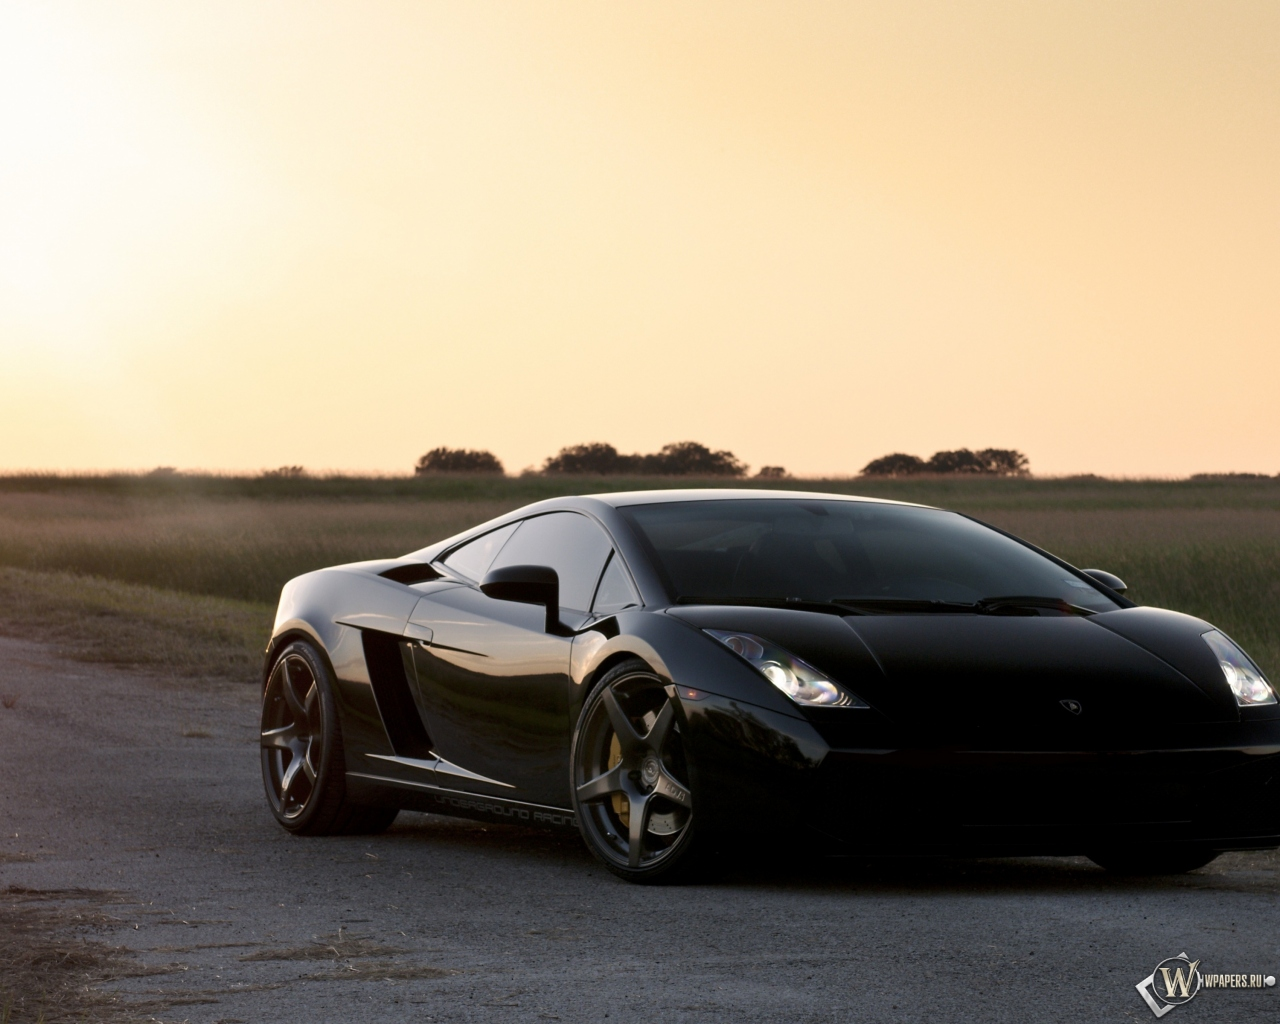 Lamborghini Gallardo 1280x1024